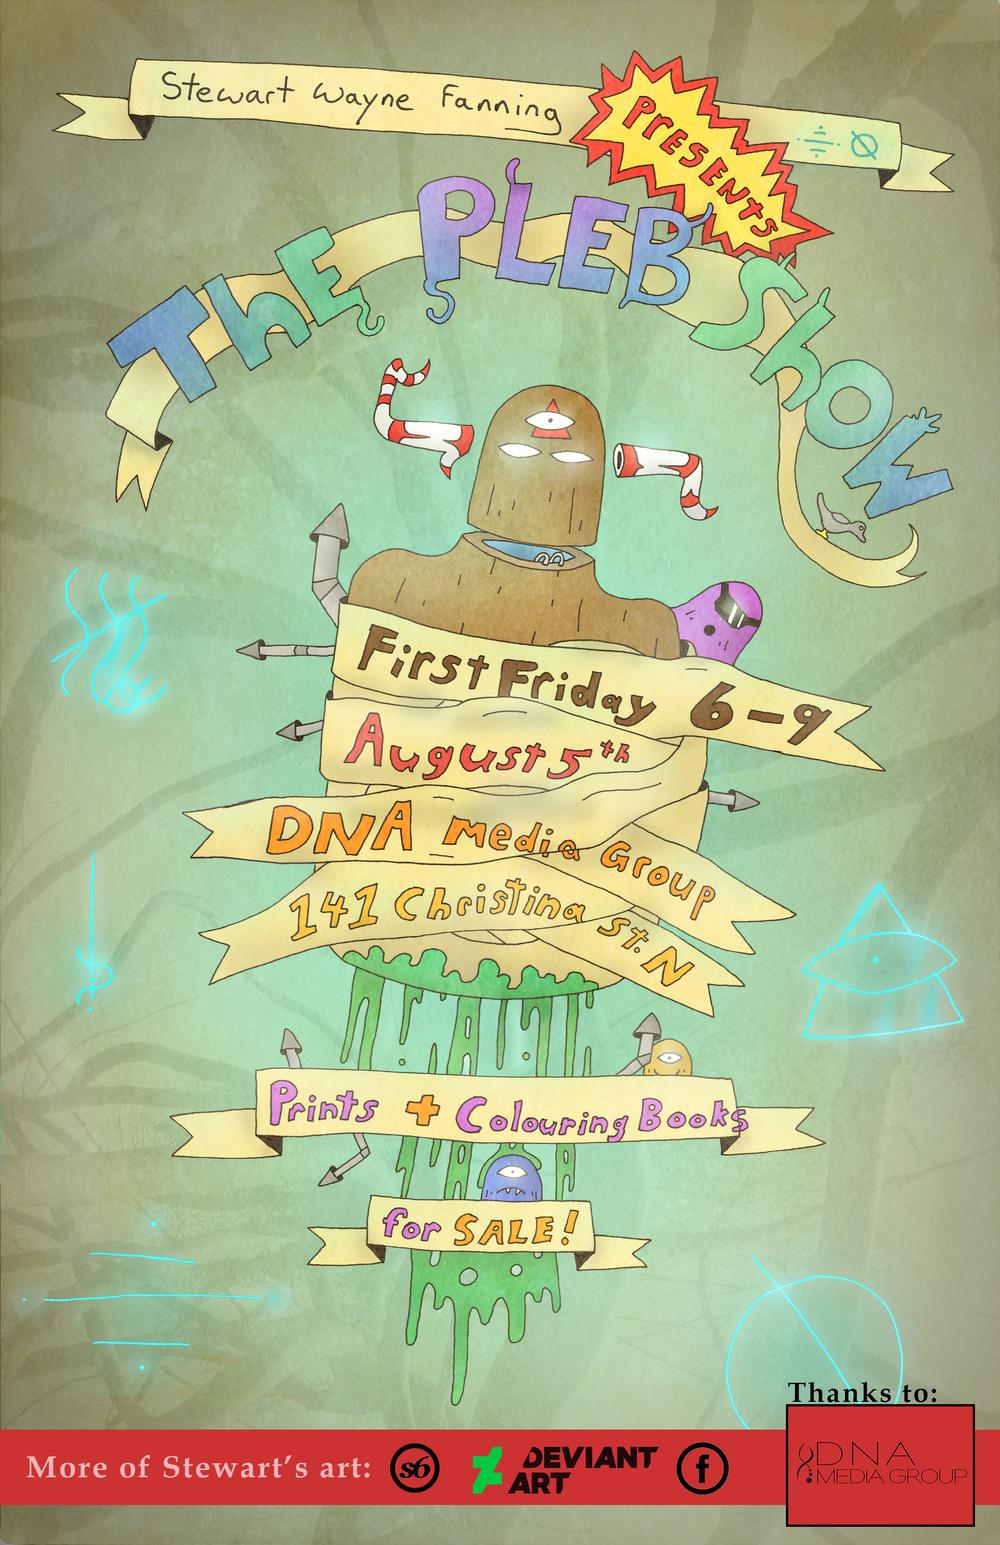 The Pleb Show Poster 2015